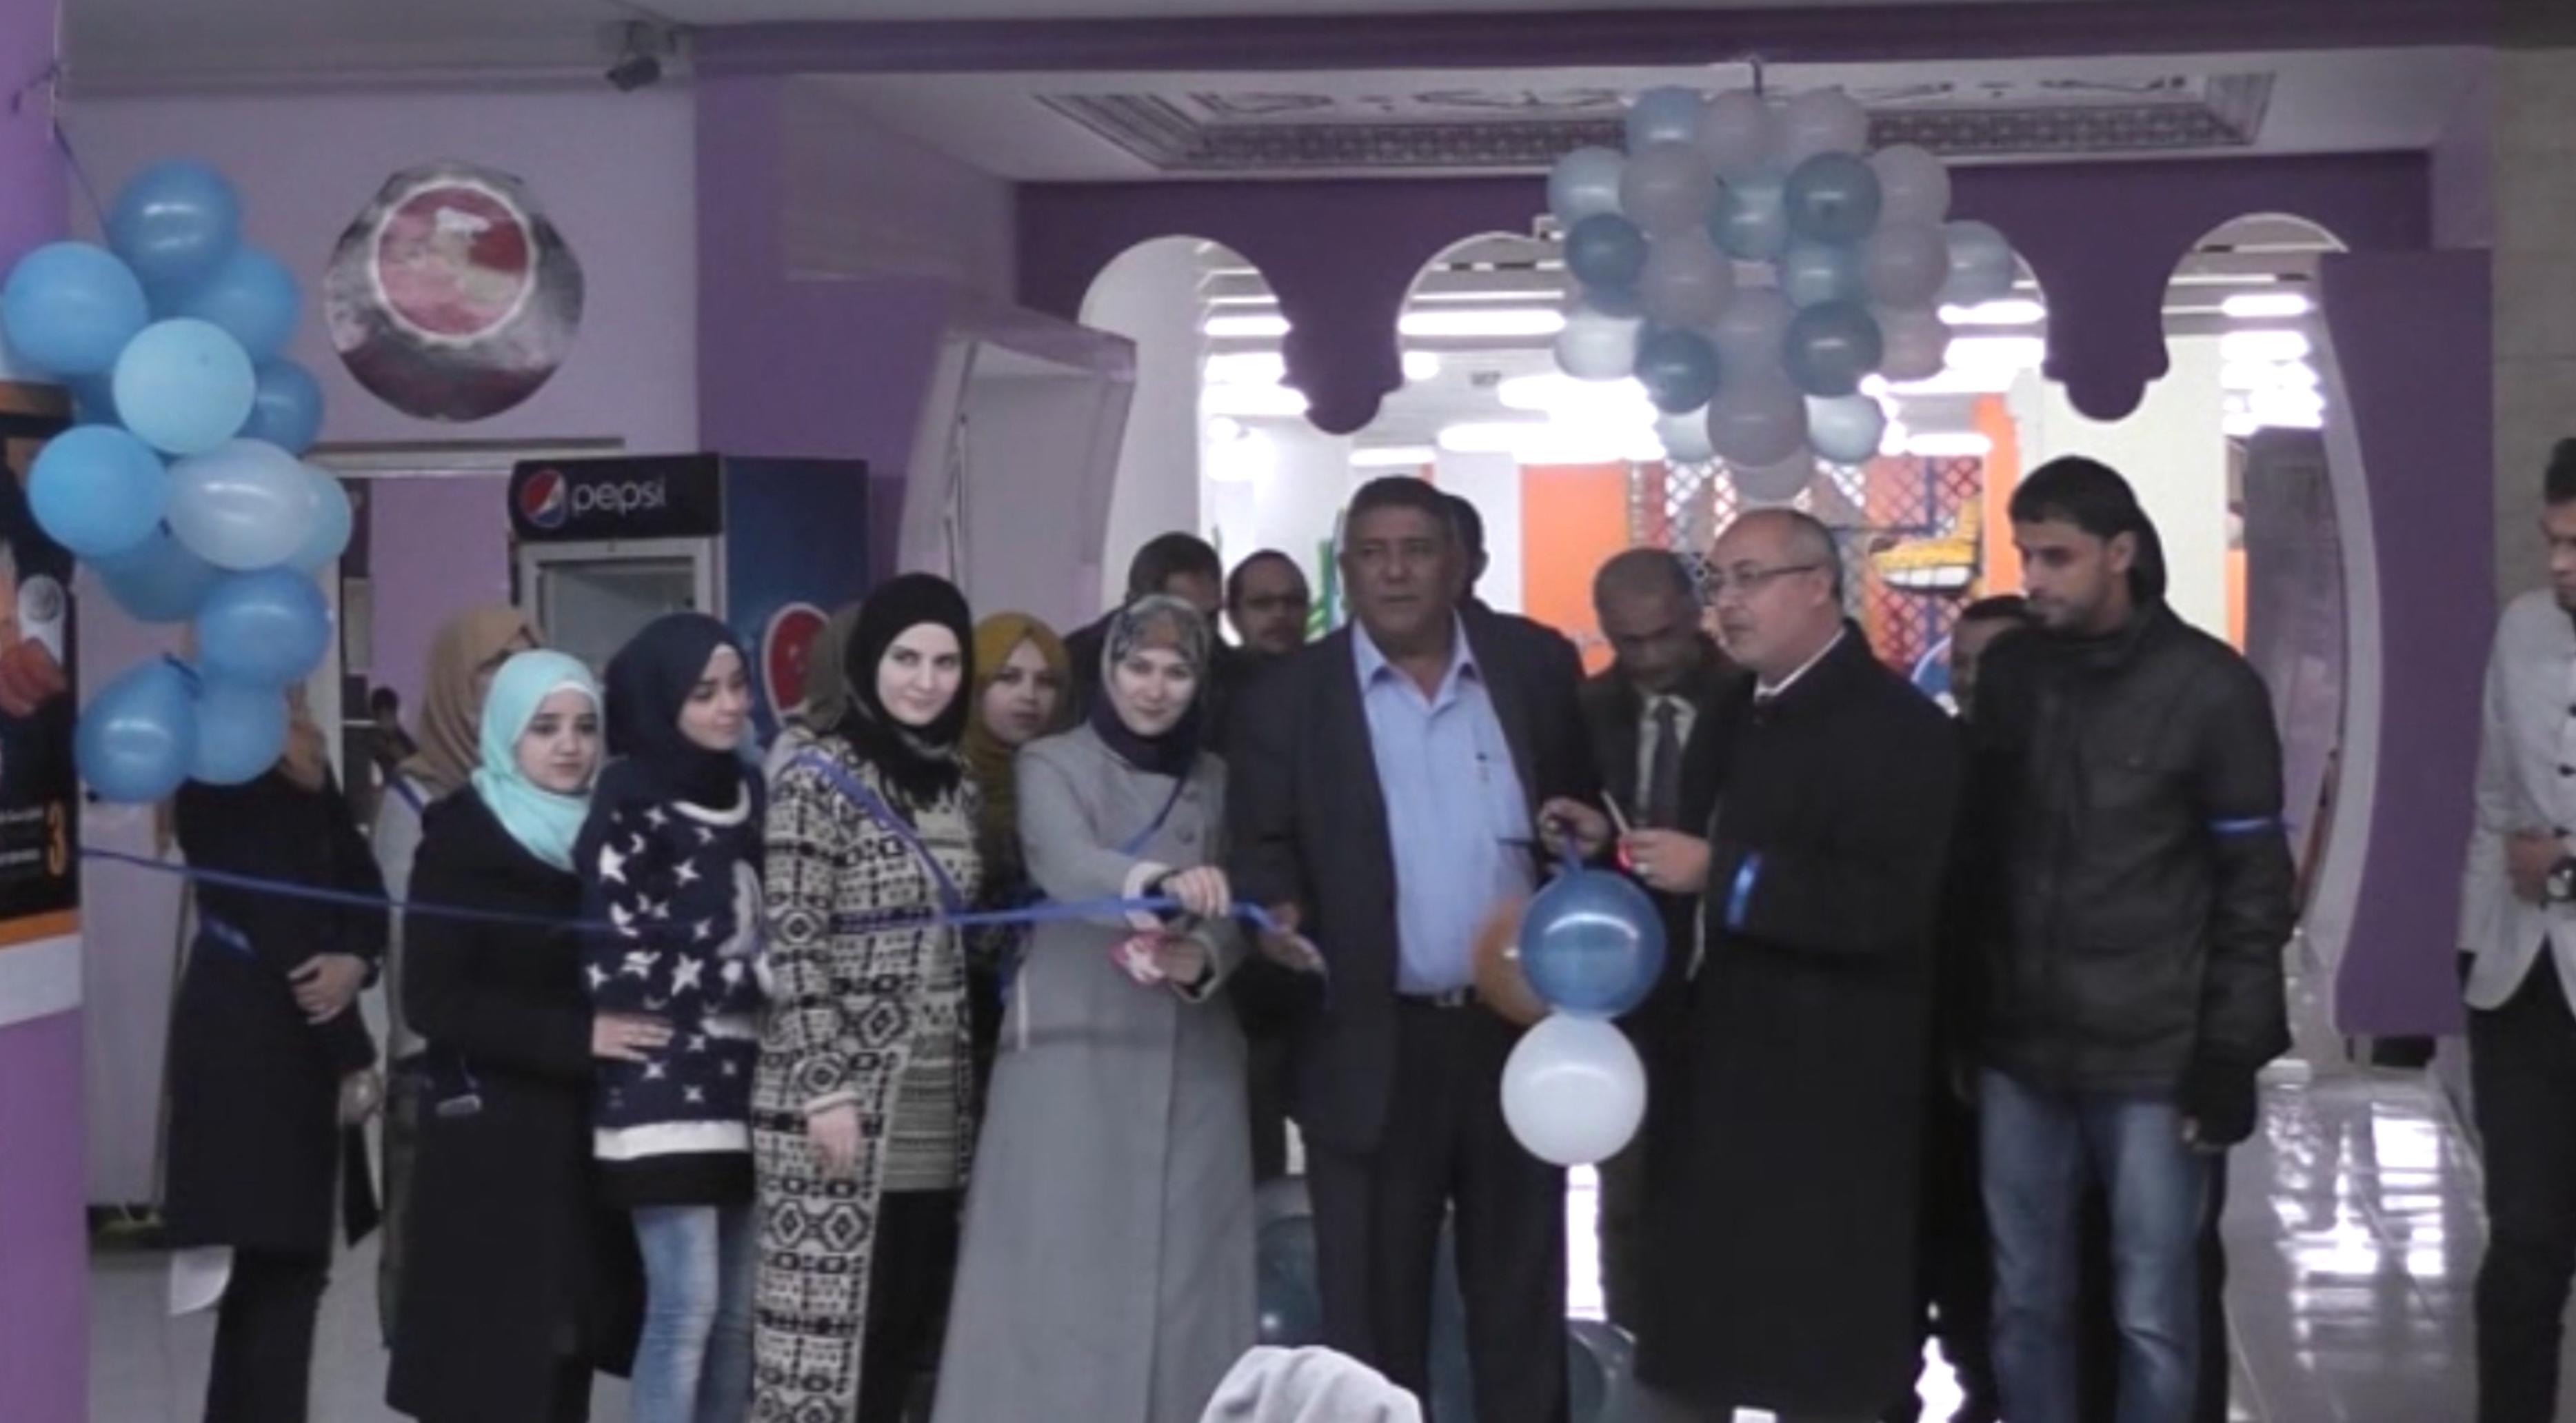 الجمعية الليبية للطب والأطباء الشباب